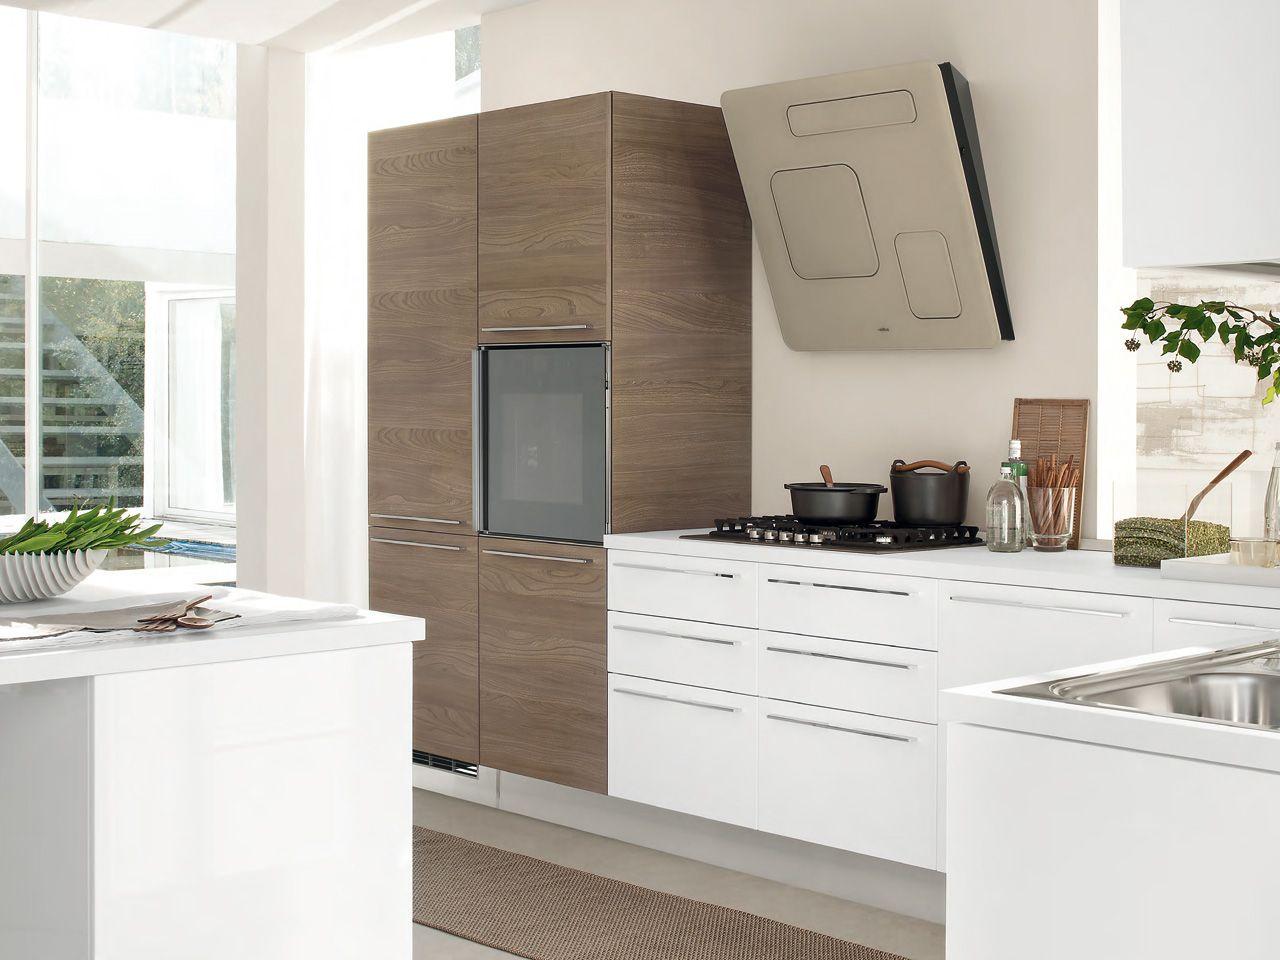 Cucina componibile laccata con maniglie collezione pamela by cucine lube - Cucina pamela lube ...